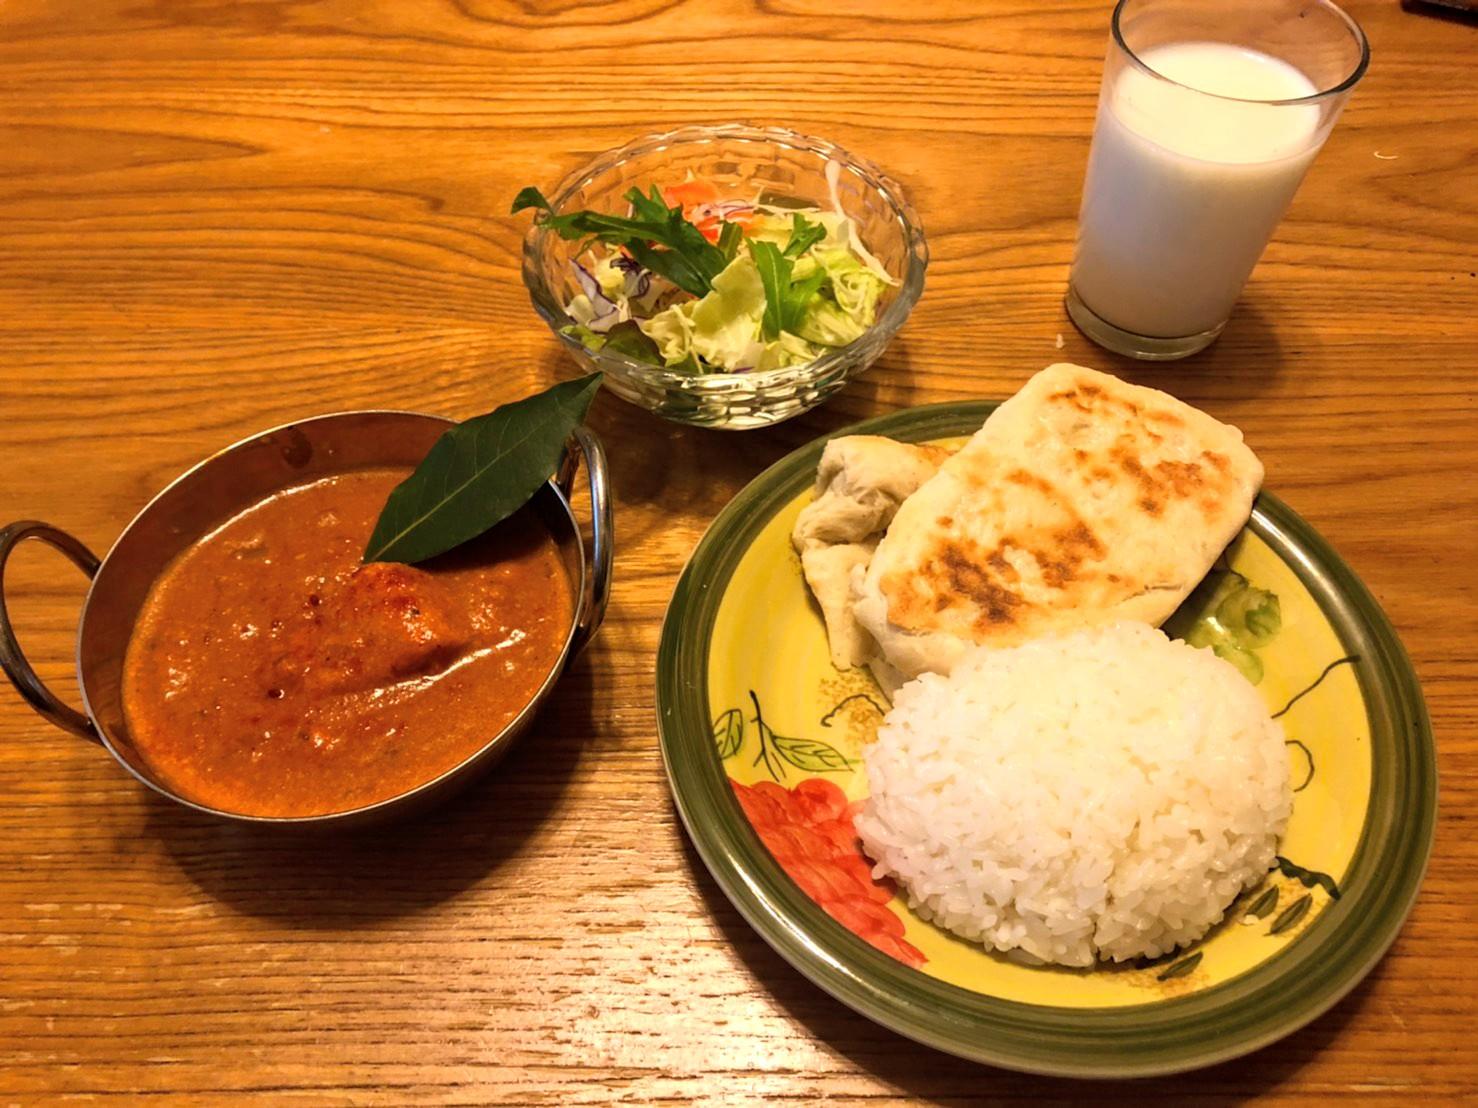 【画像有】ワイの作った料理